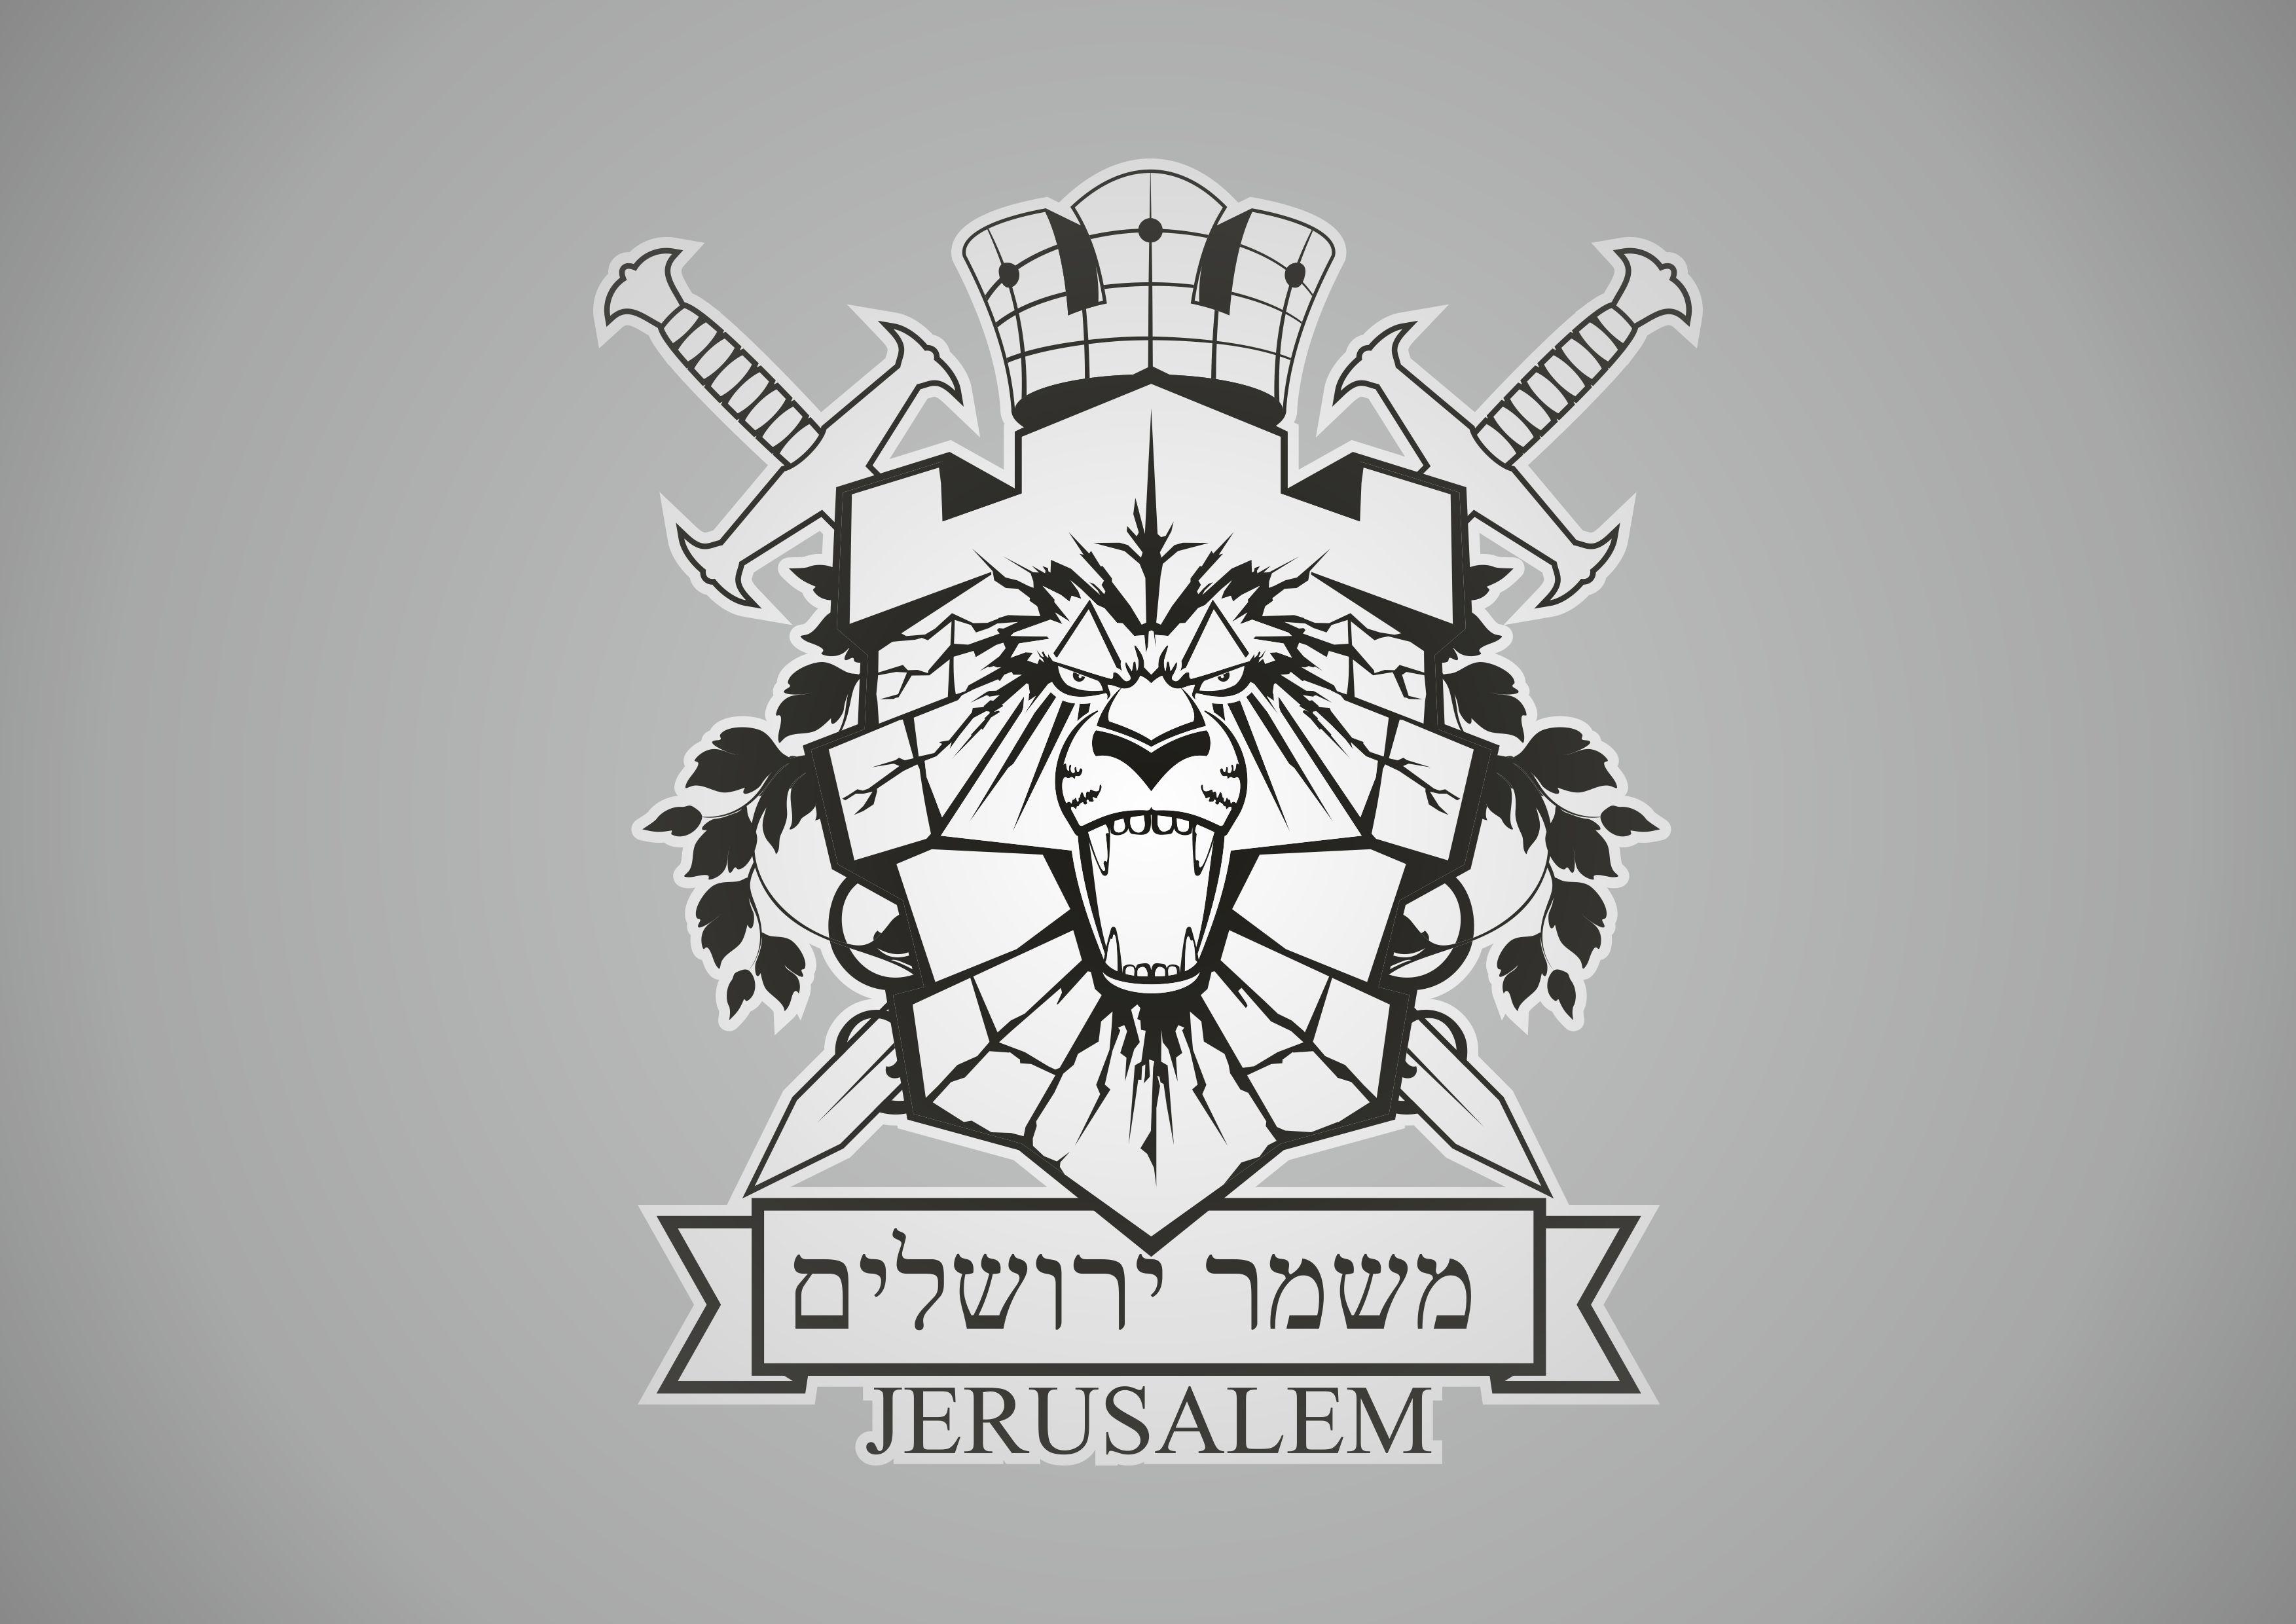 Разработка логотипа. Компания Страж Иерусалима фото f_6855203847c93d8e.jpg